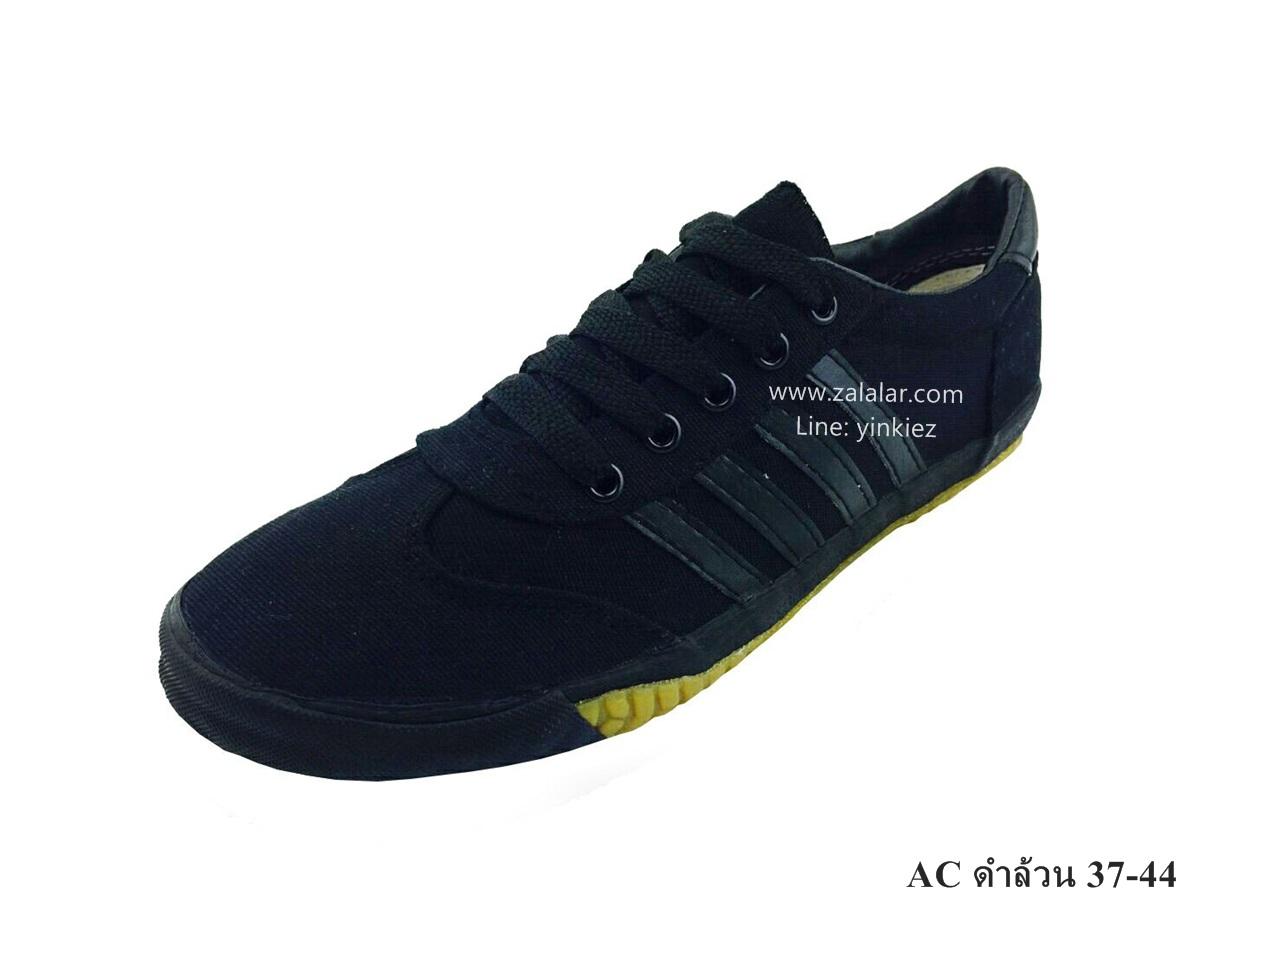 [พร้อมส่ง] รองเท้าผ้าใบแฟชั่น รุ่น AC สีดำล้วน